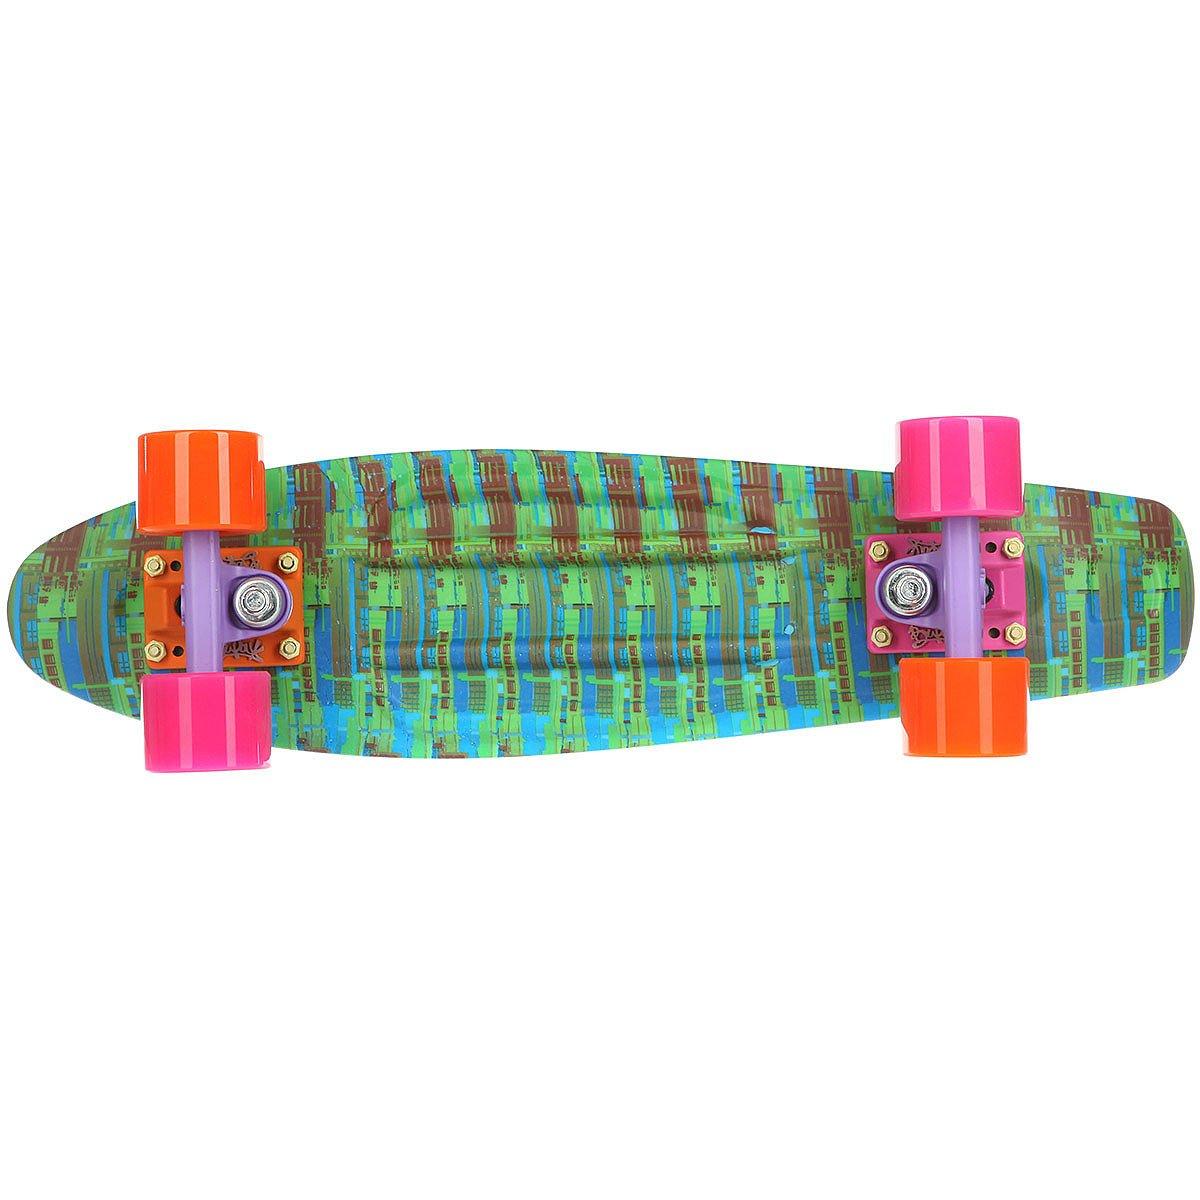 Скейт мини круизер Пластборды Sun 1 Blue/Green/Red 6 x 22.5 (57 см)